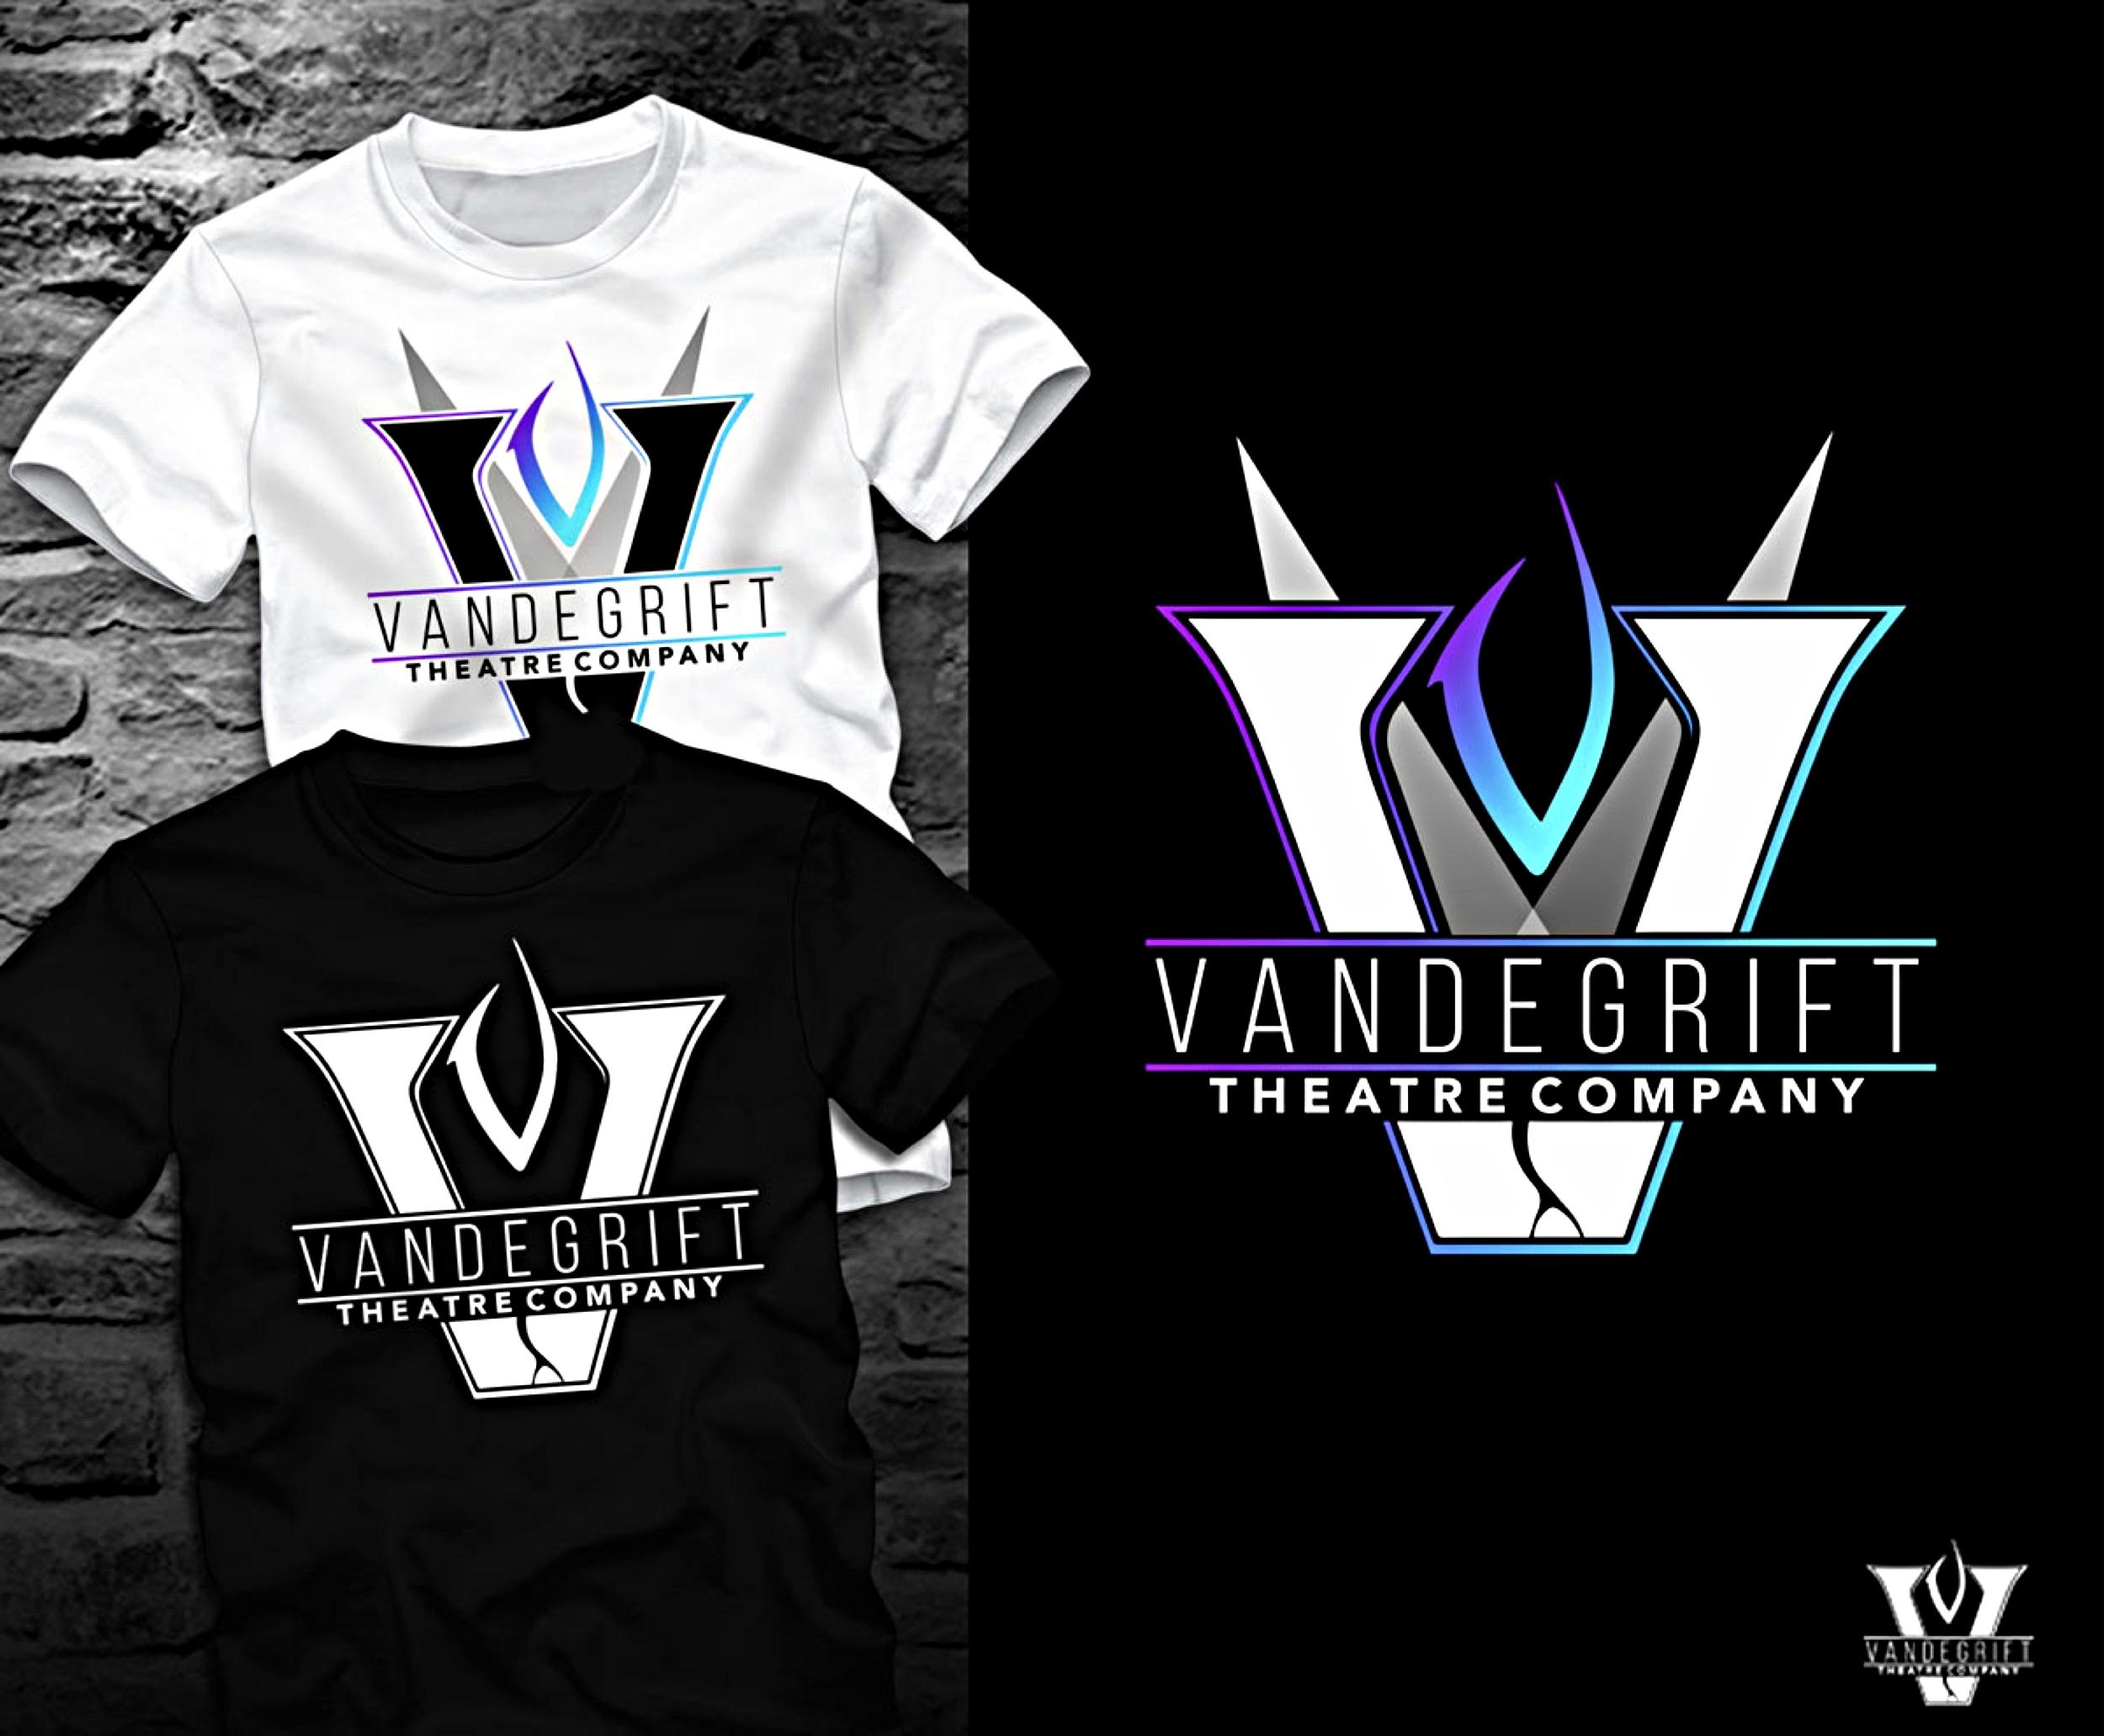 T-Shirts & Sweatshirts Coming Soon!